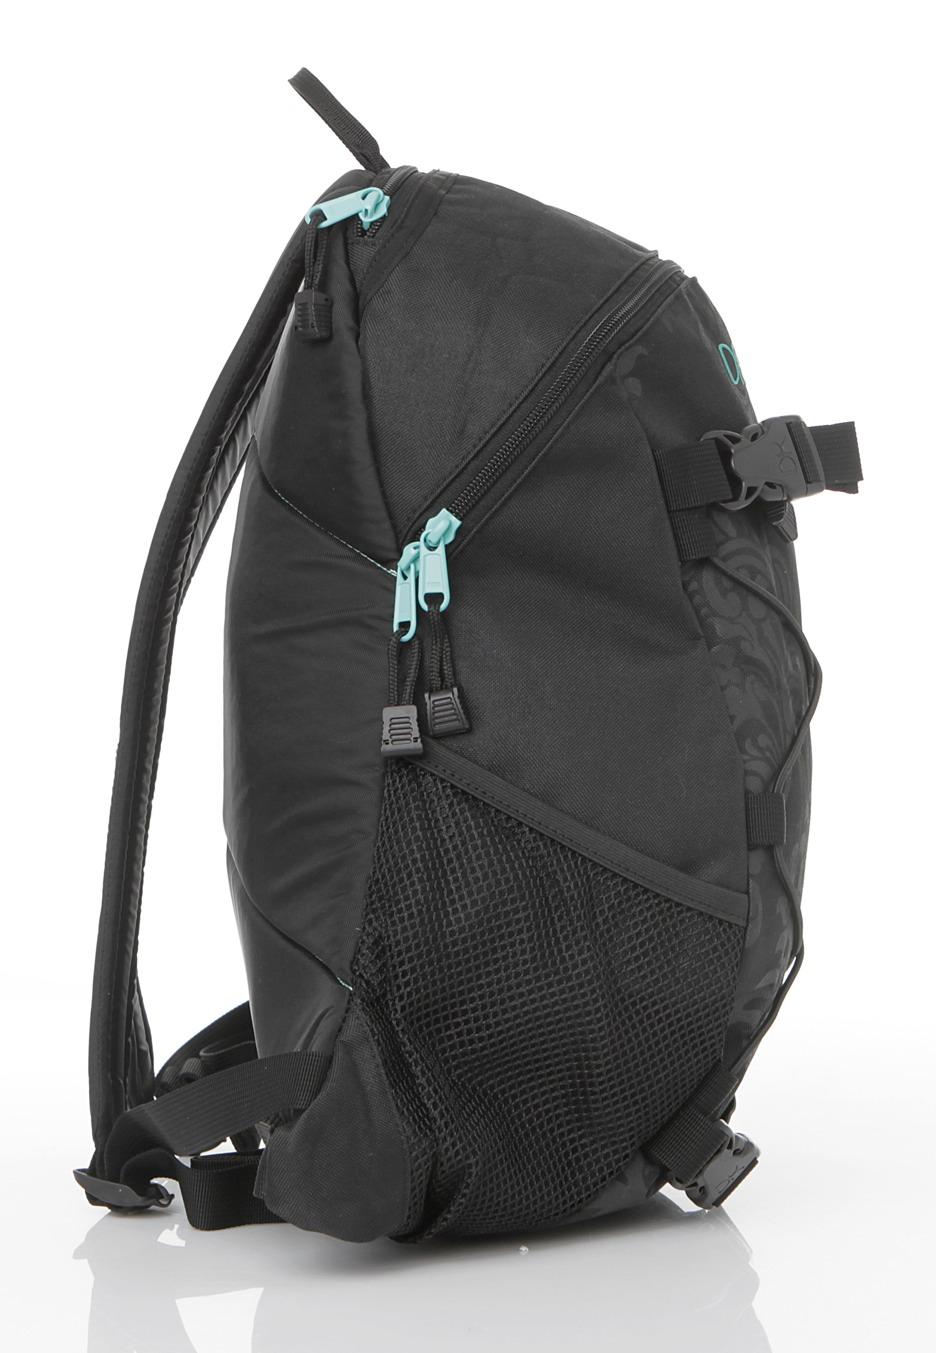 najlepsza strona internetowa styl mody produkty wysokiej jakości Dakine Capri Backpack- Fenix Toulouse Handball